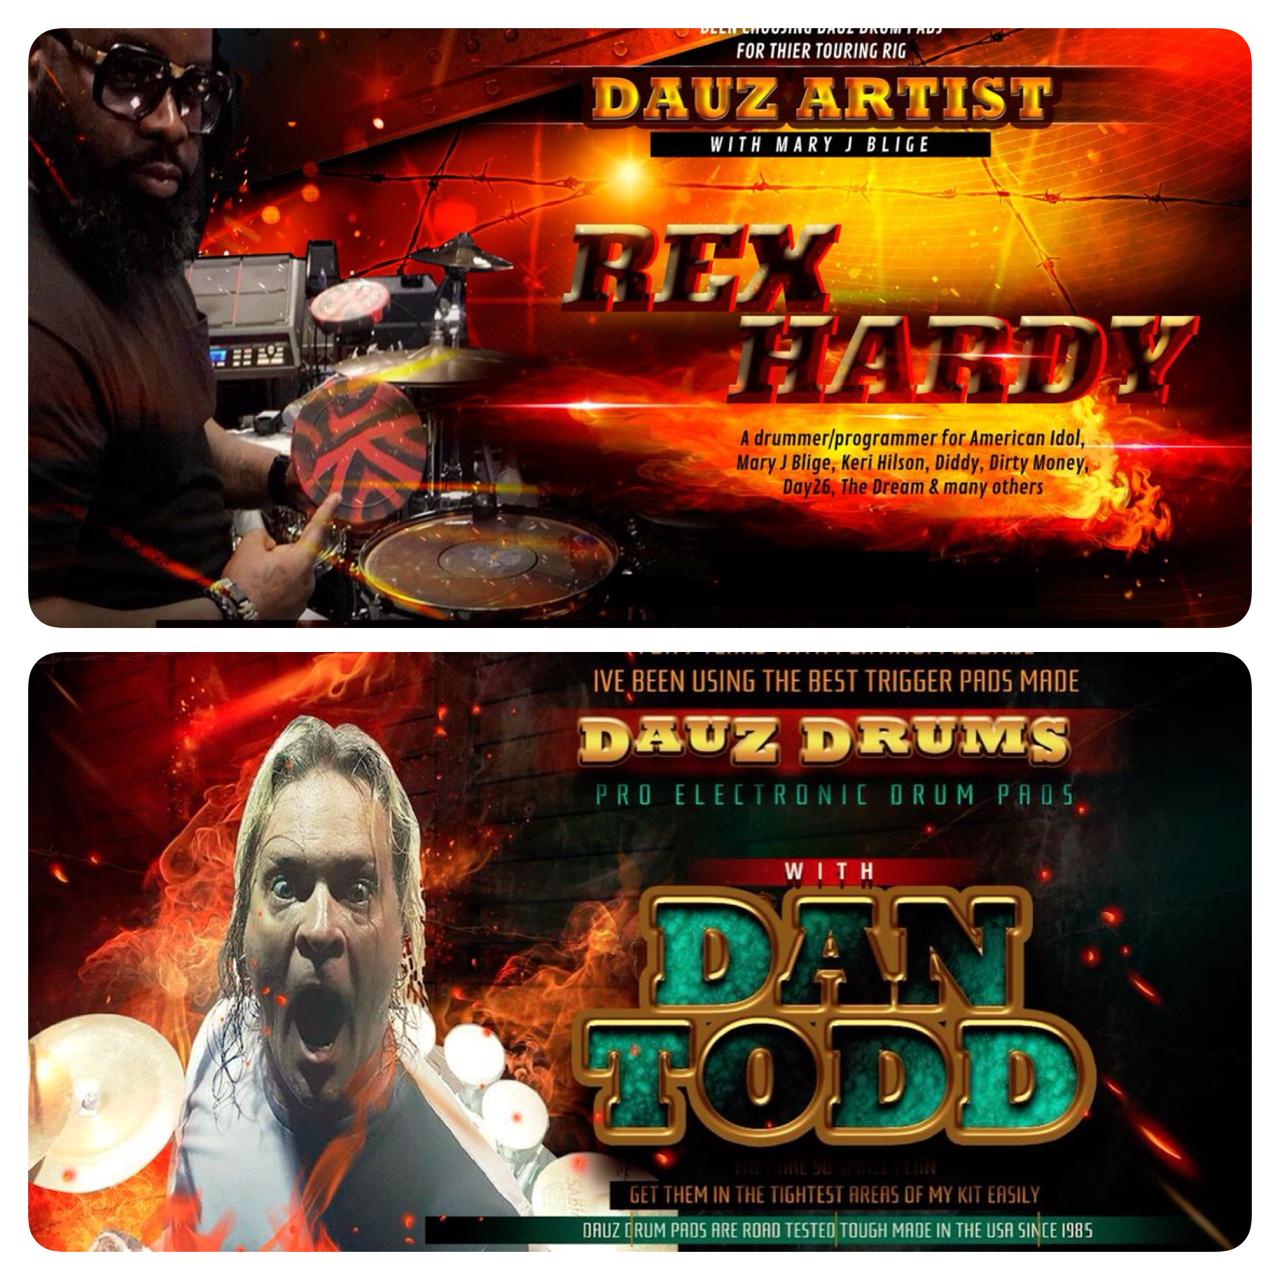 REX HARDY & DAN TODD